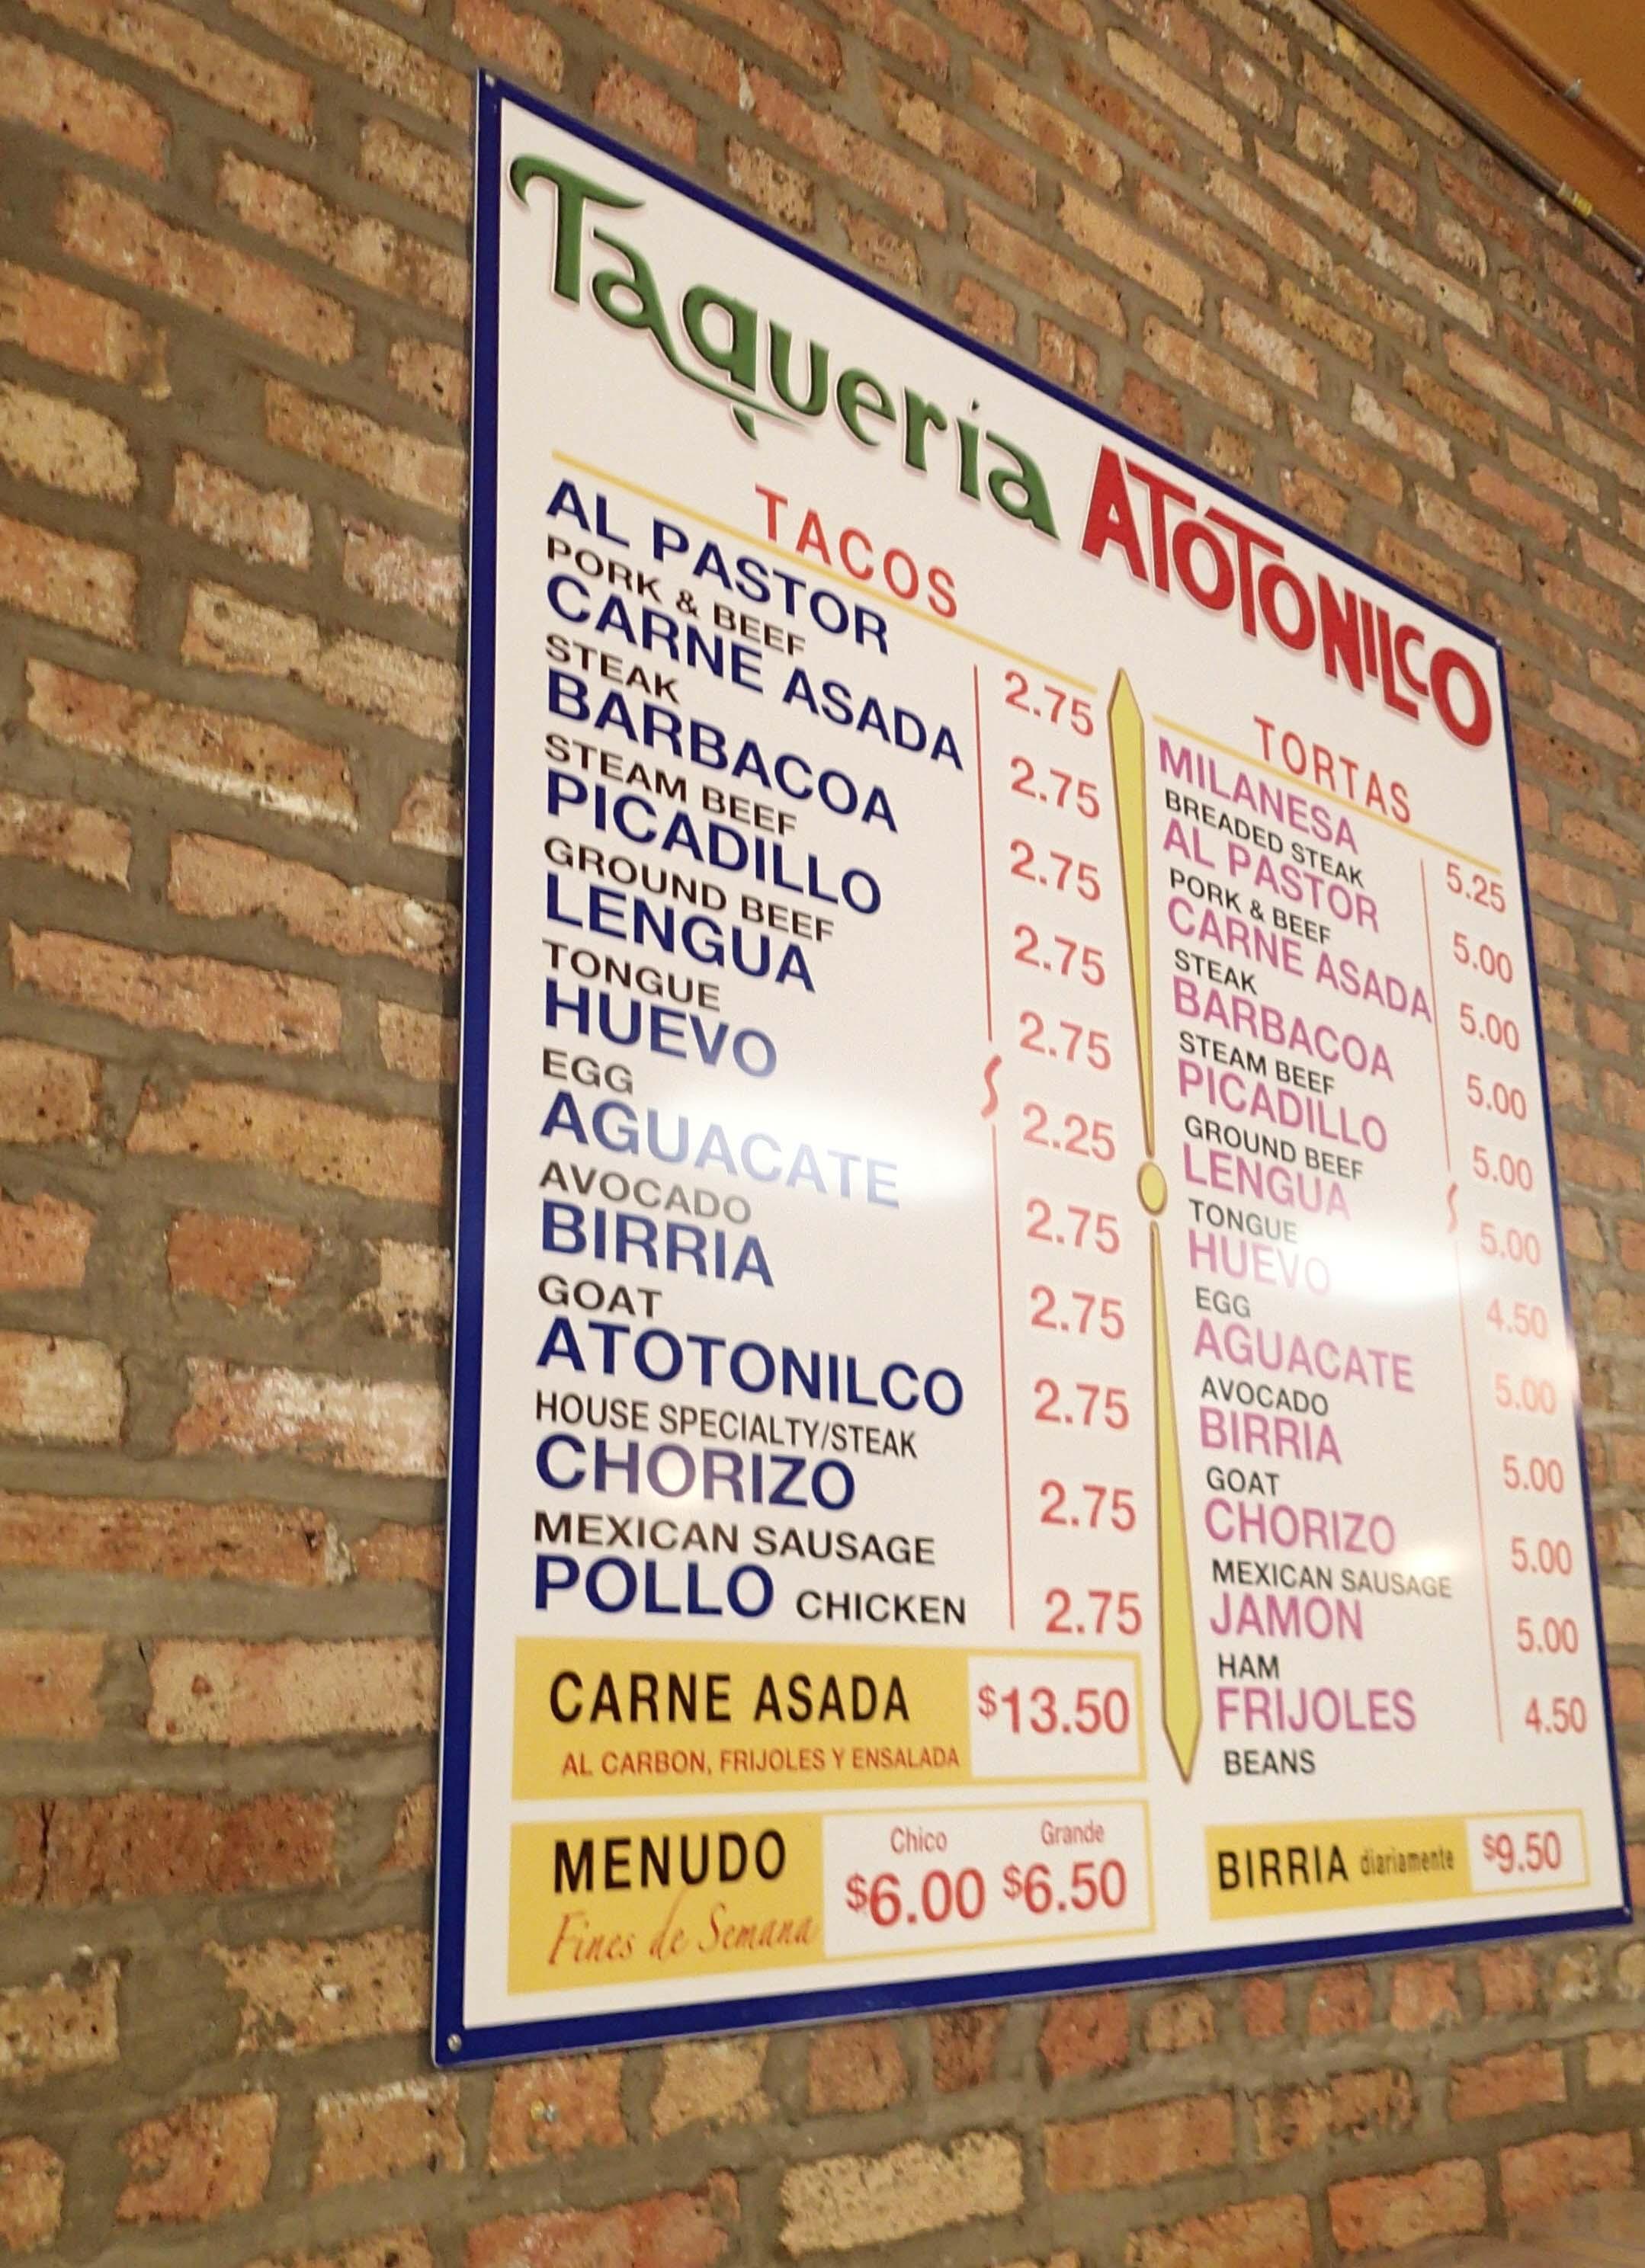 Taqueria Atotonilco.jpg